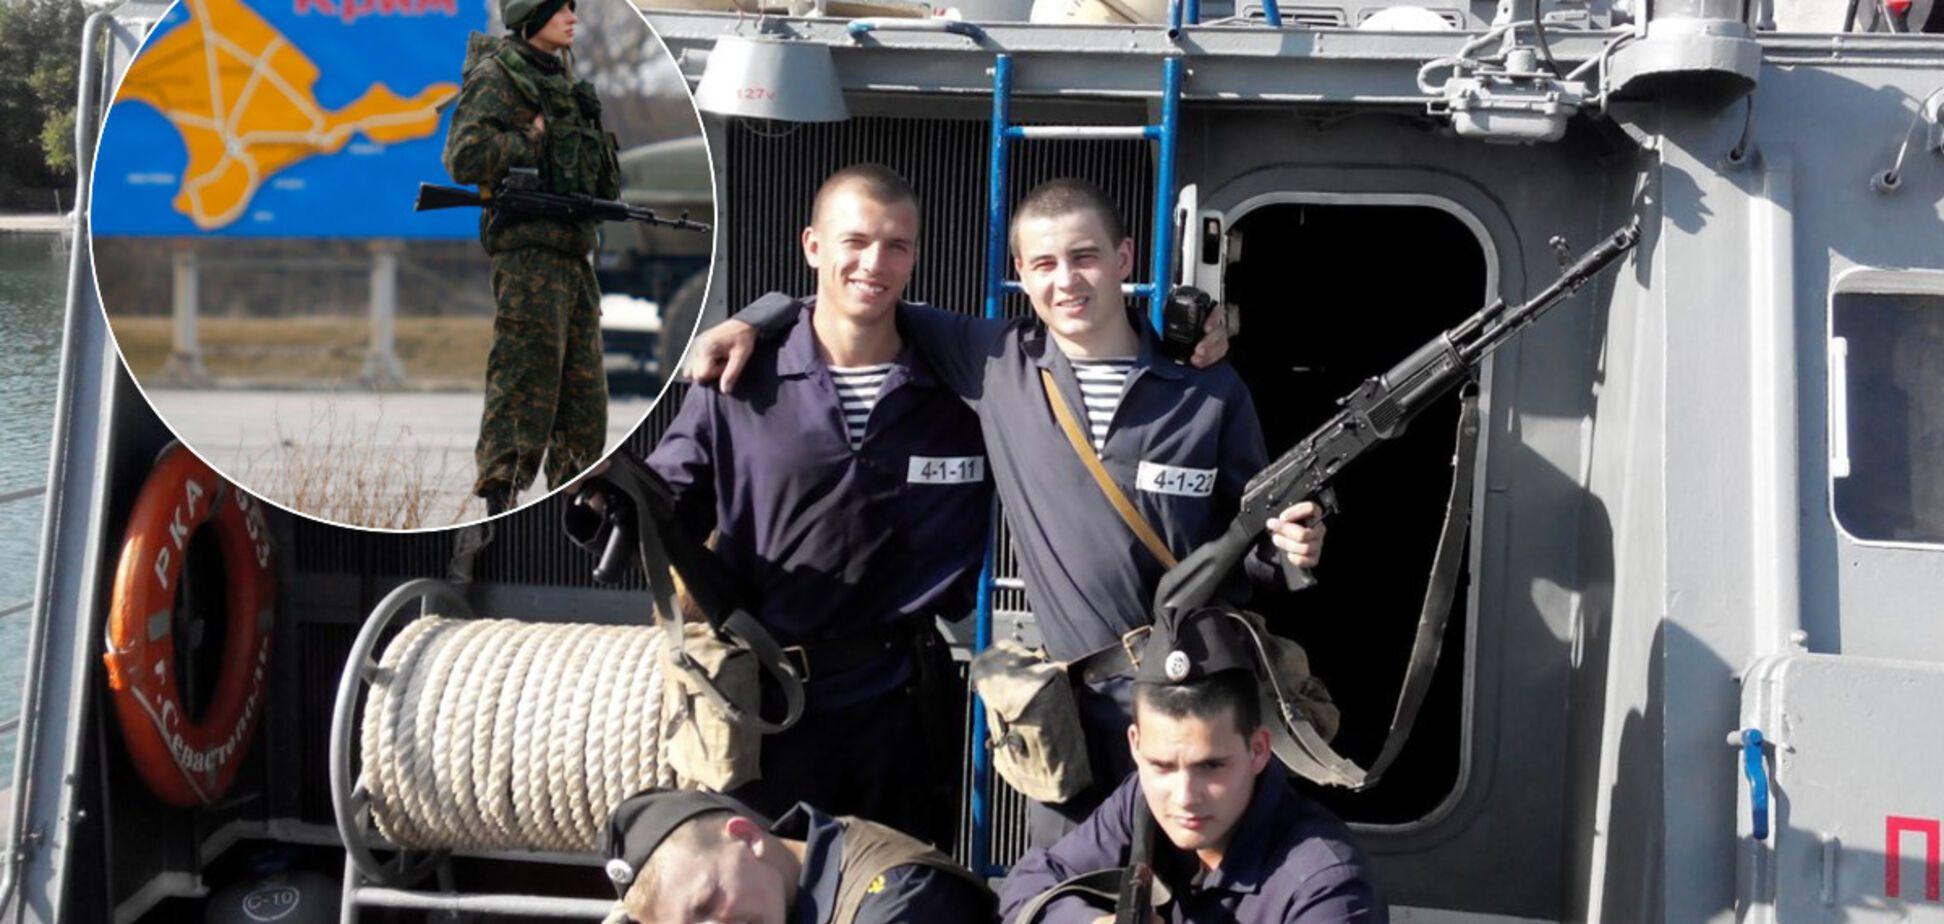 Волонтери показали моряків Путіна, які захопили Крим